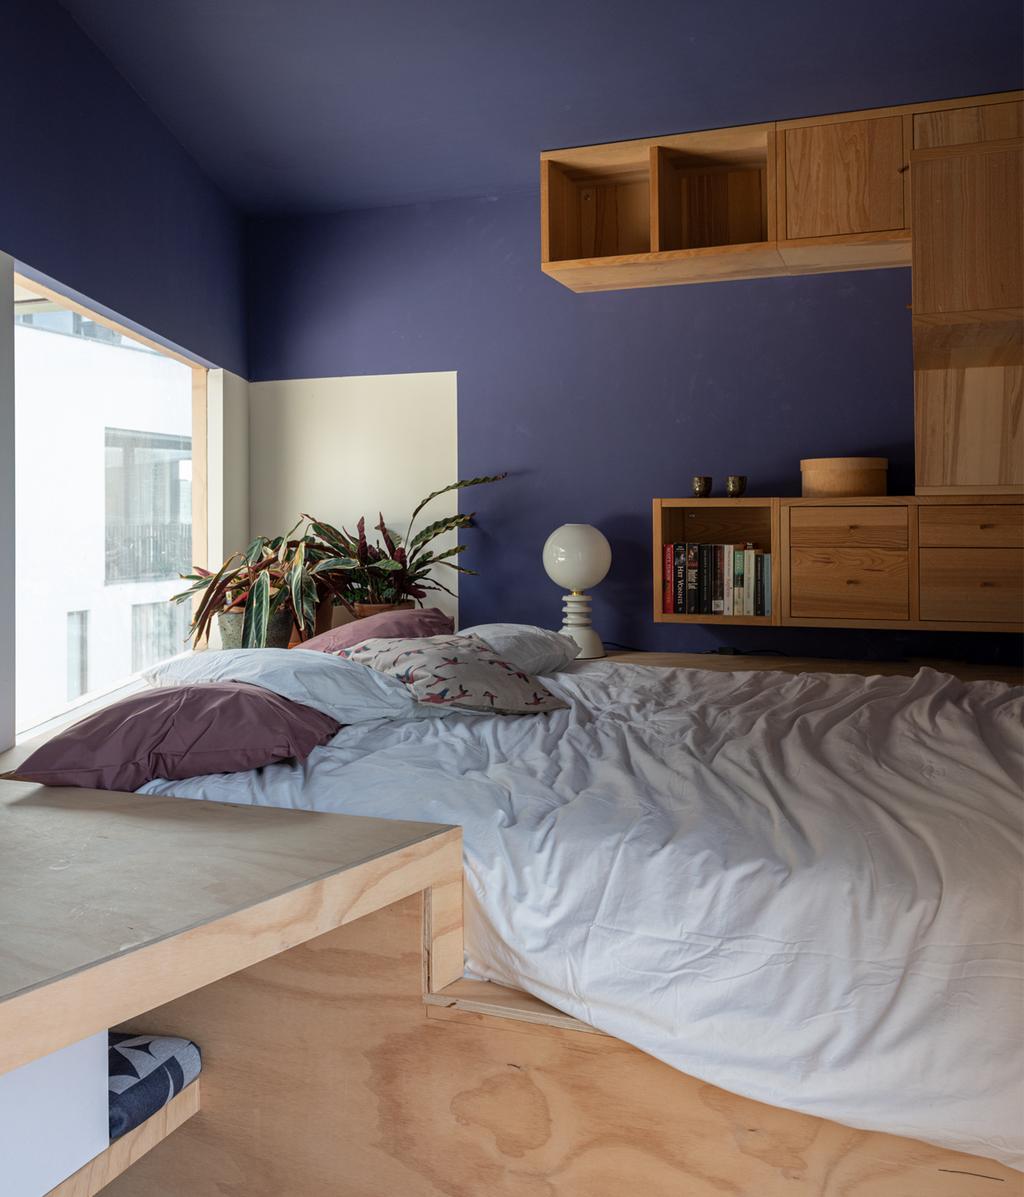 Slaapkamer van hout | vtwonen 01-2020